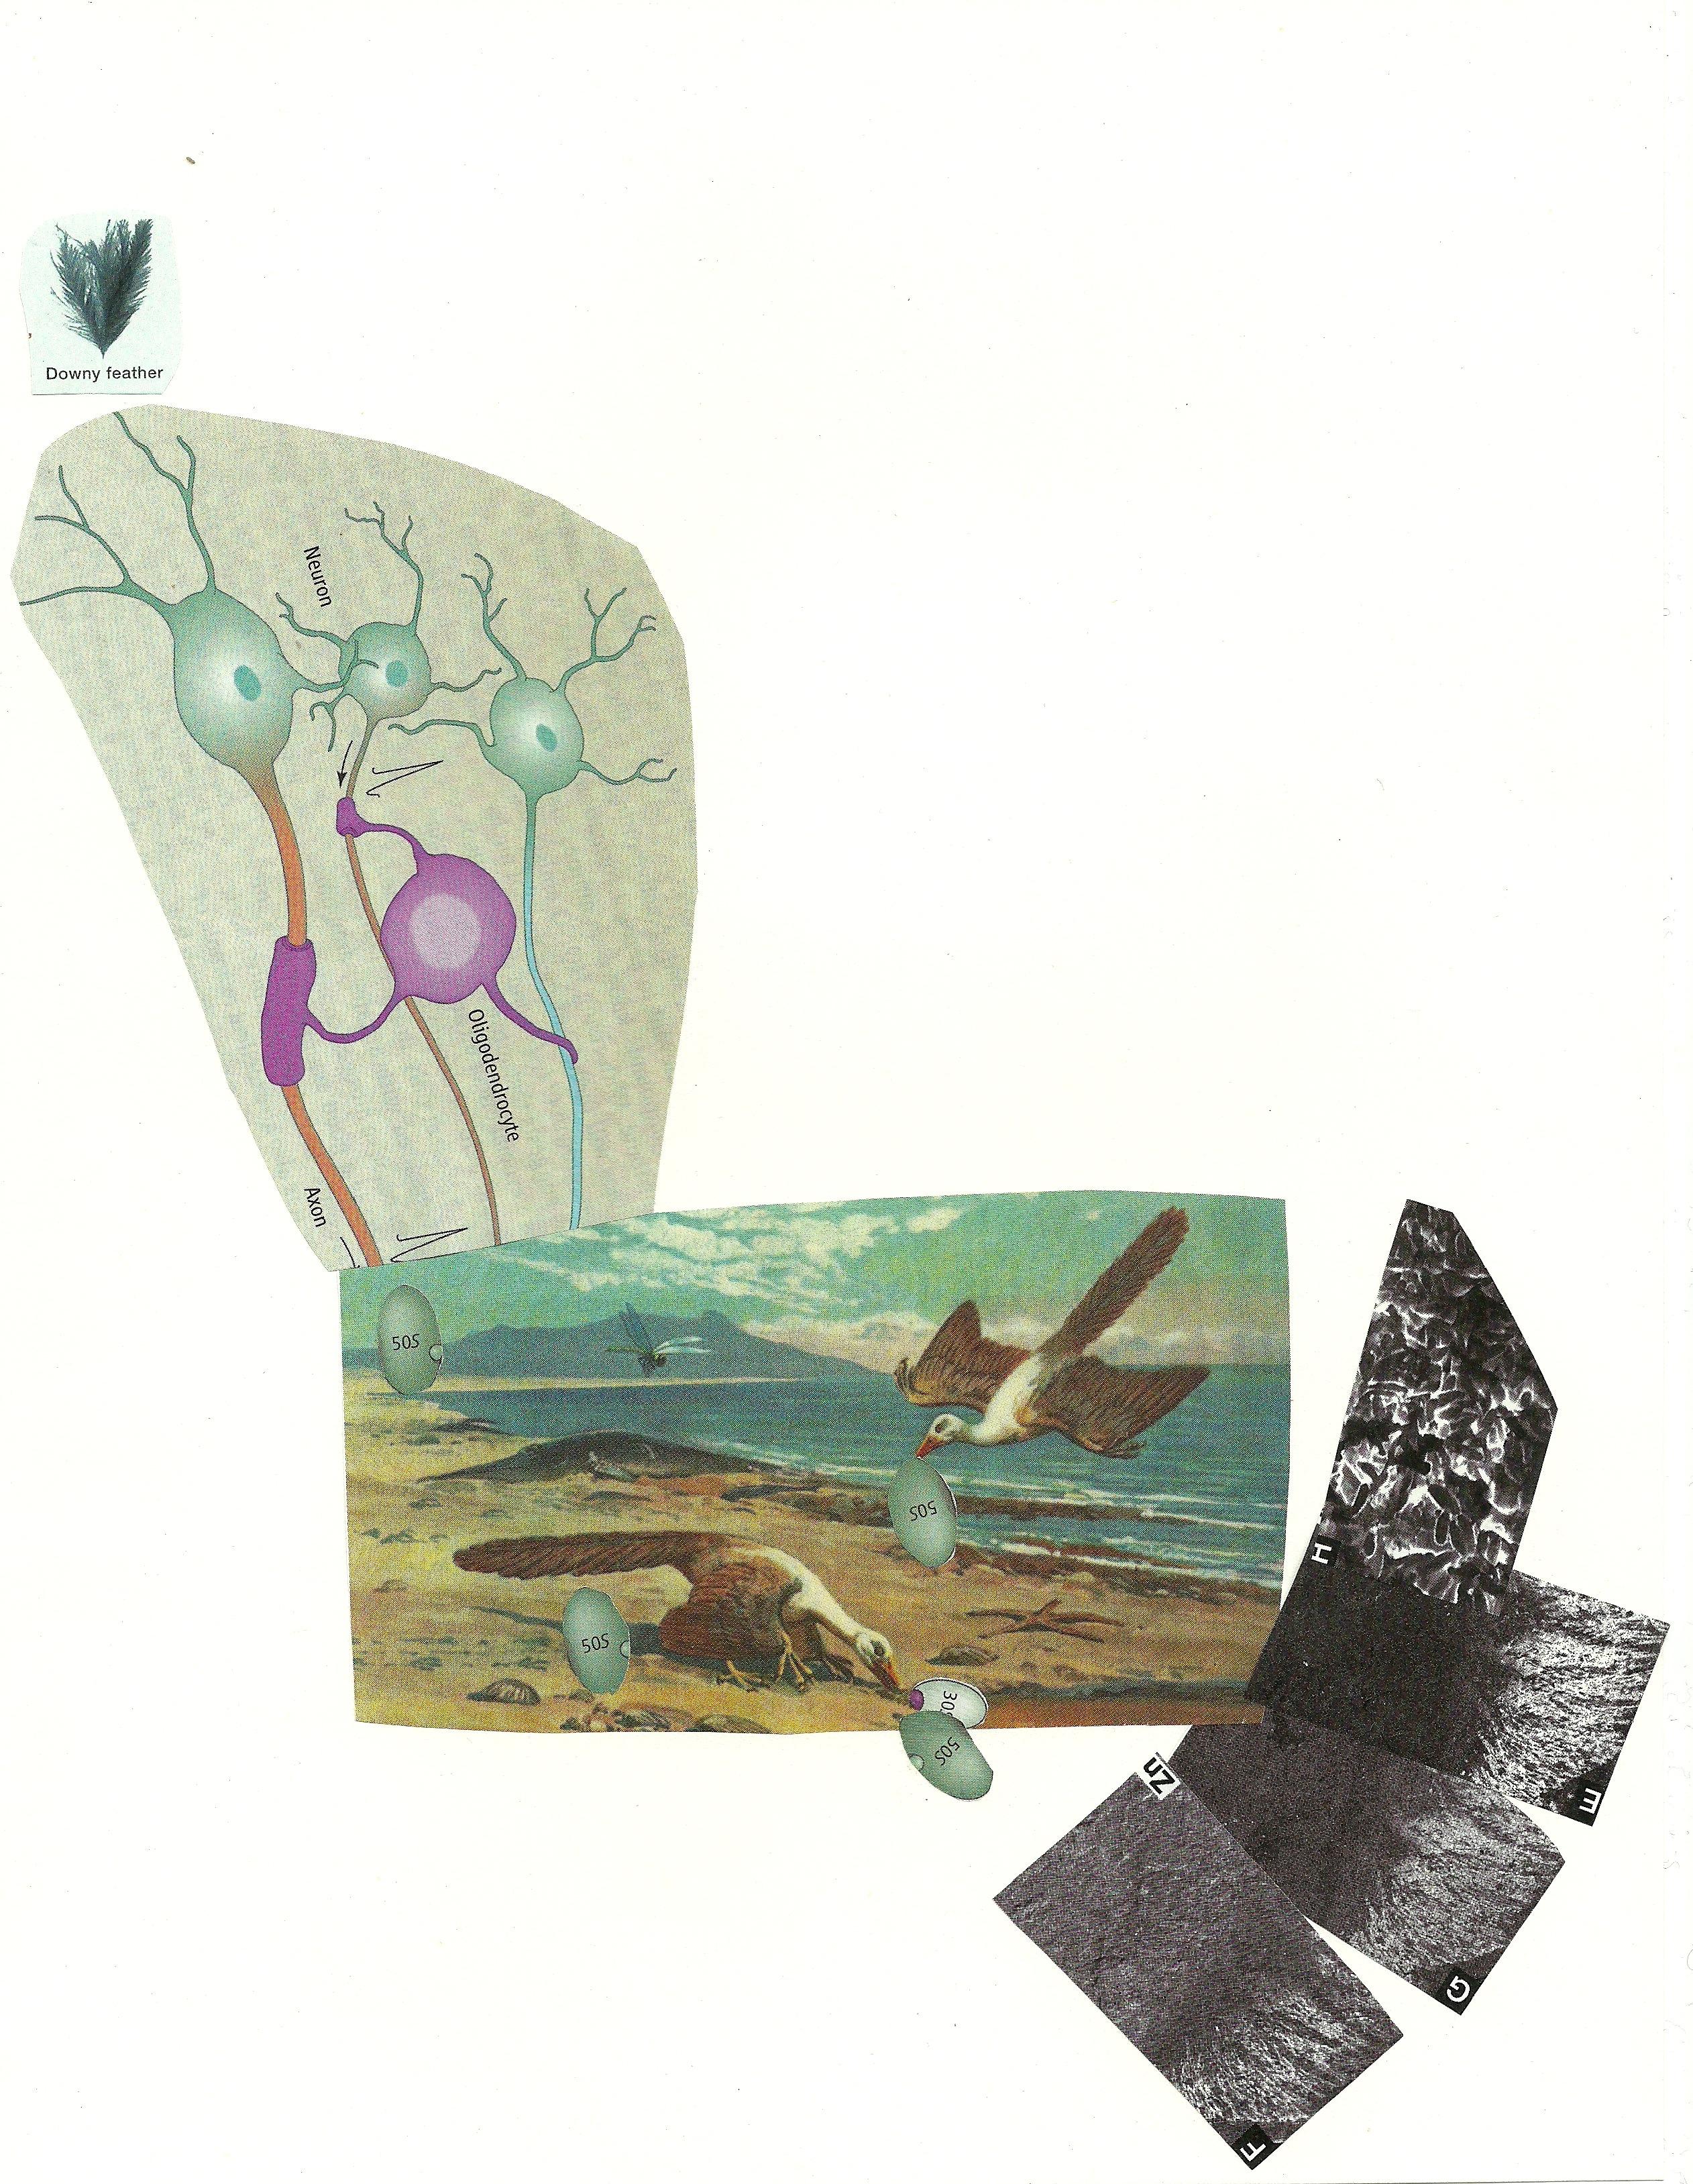 Ève K. Tremblay, Neurones et zoizos pré historiques, 2012, techniques mixtes, mixed media, 11